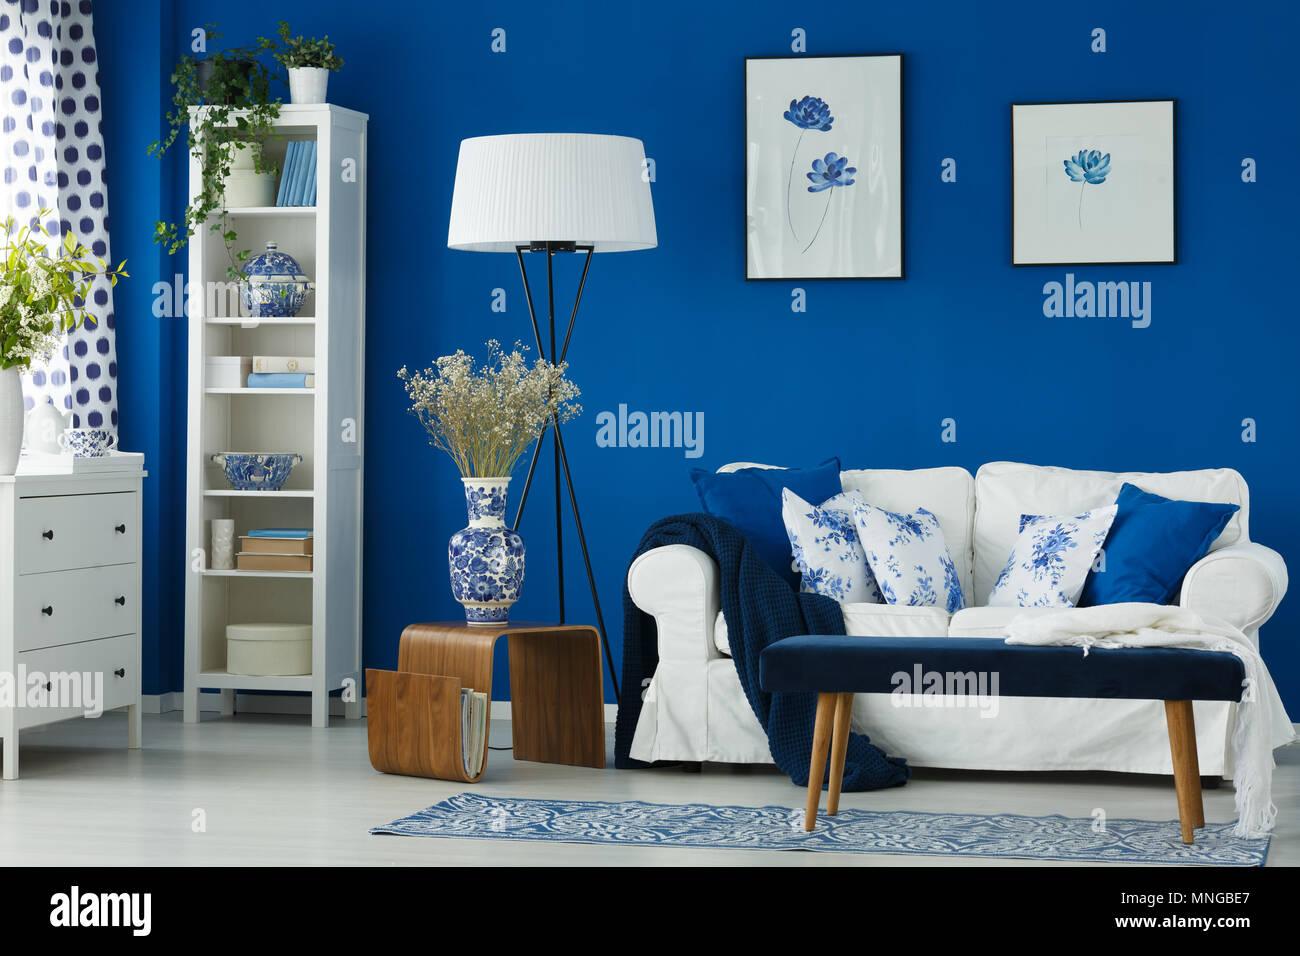 Confortable salon élégant avec des murs bleus Banque D'Images